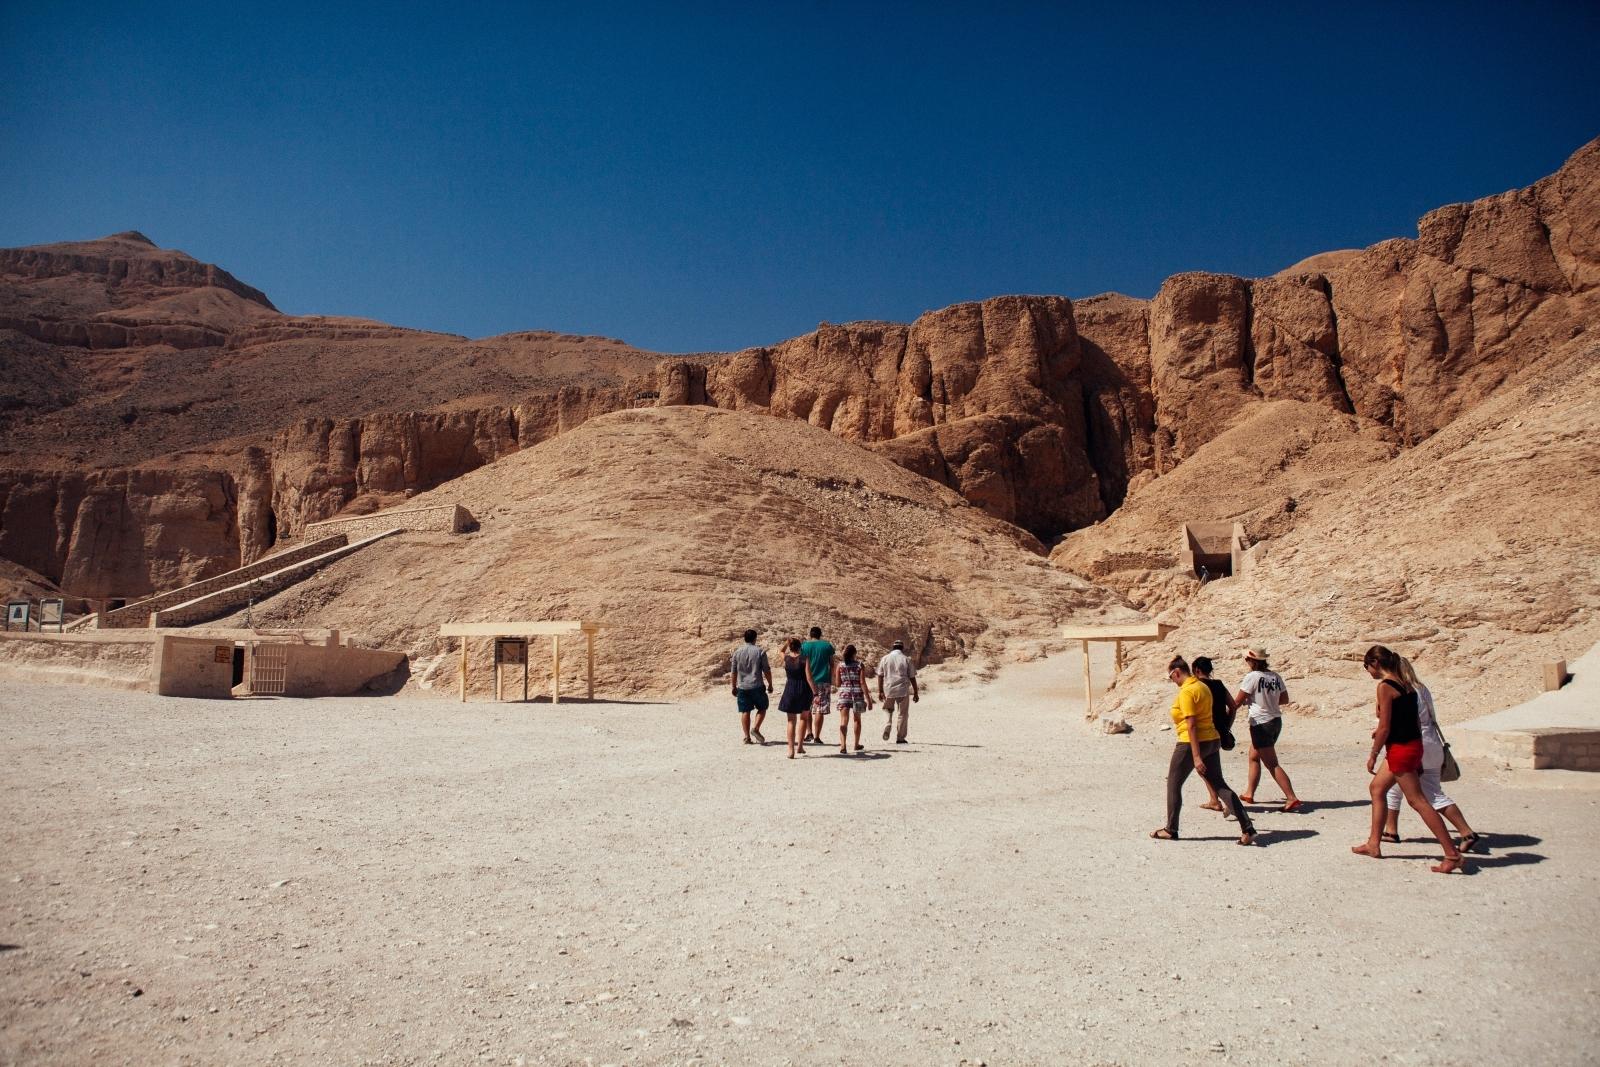 Ancient Egypt sites